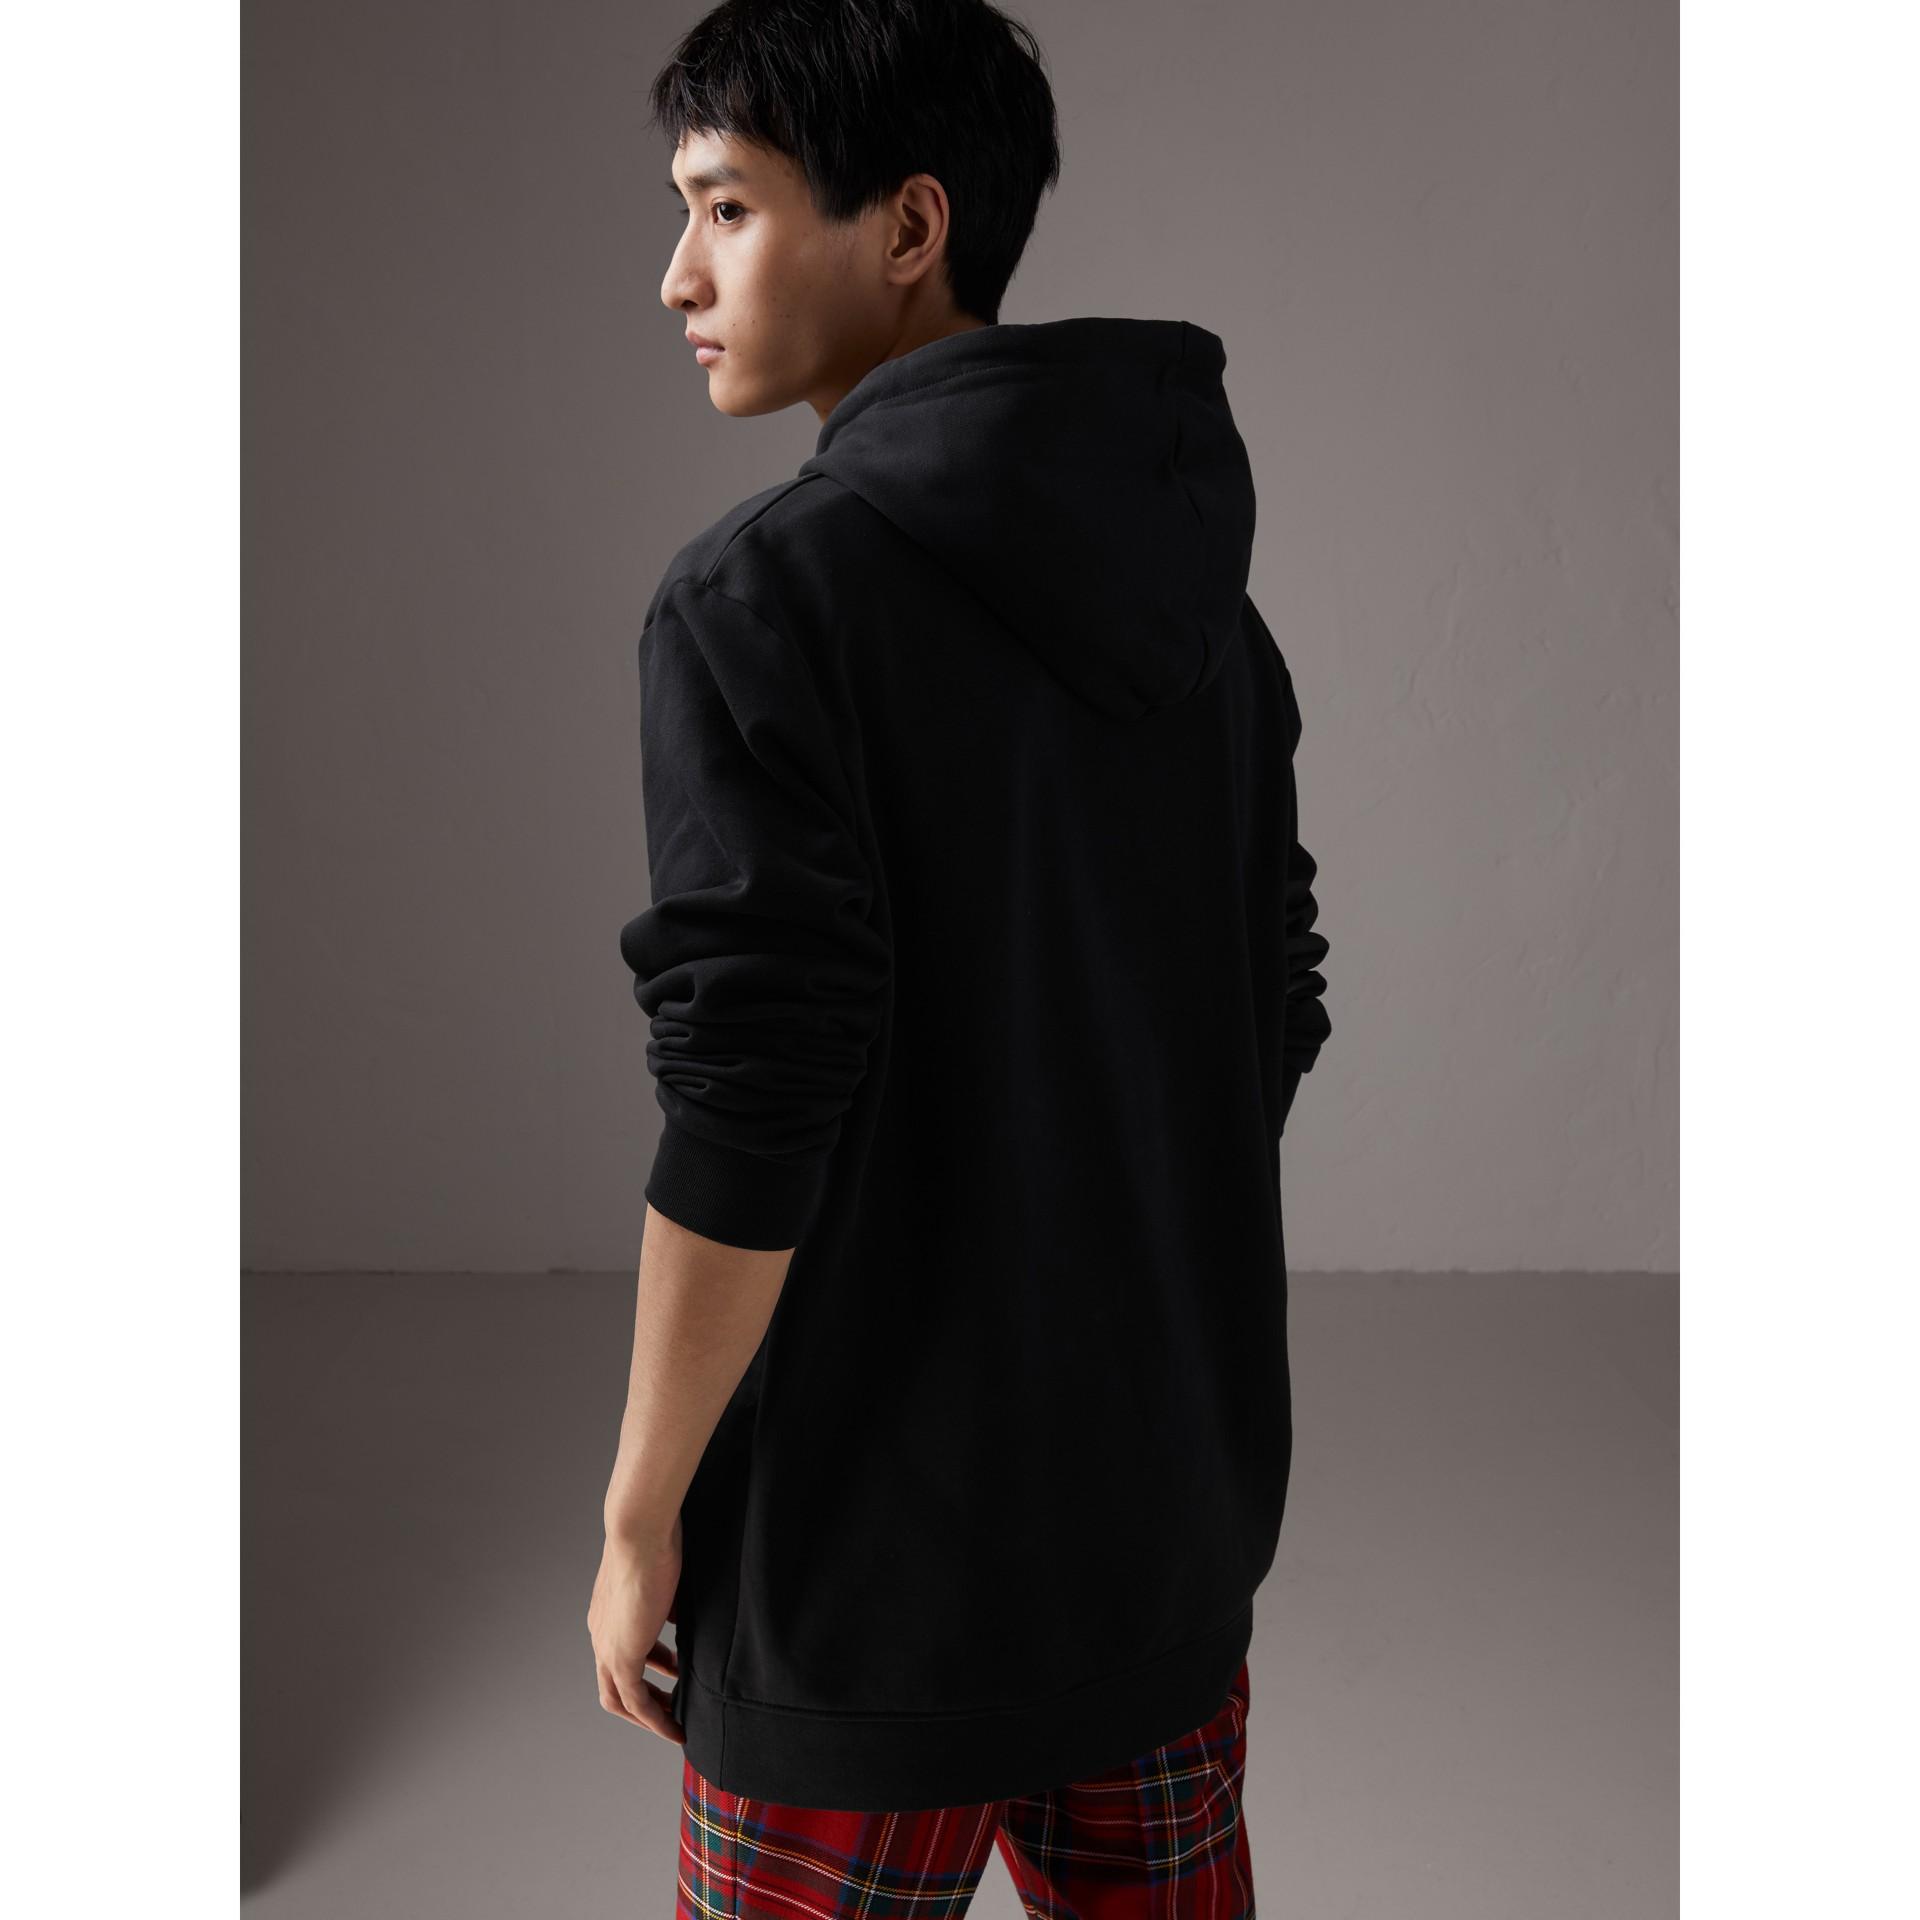 Burberry x Kris Wu Hooded Sweatshirt in Black - Men | Burberry United Kingdom - gallery image 2